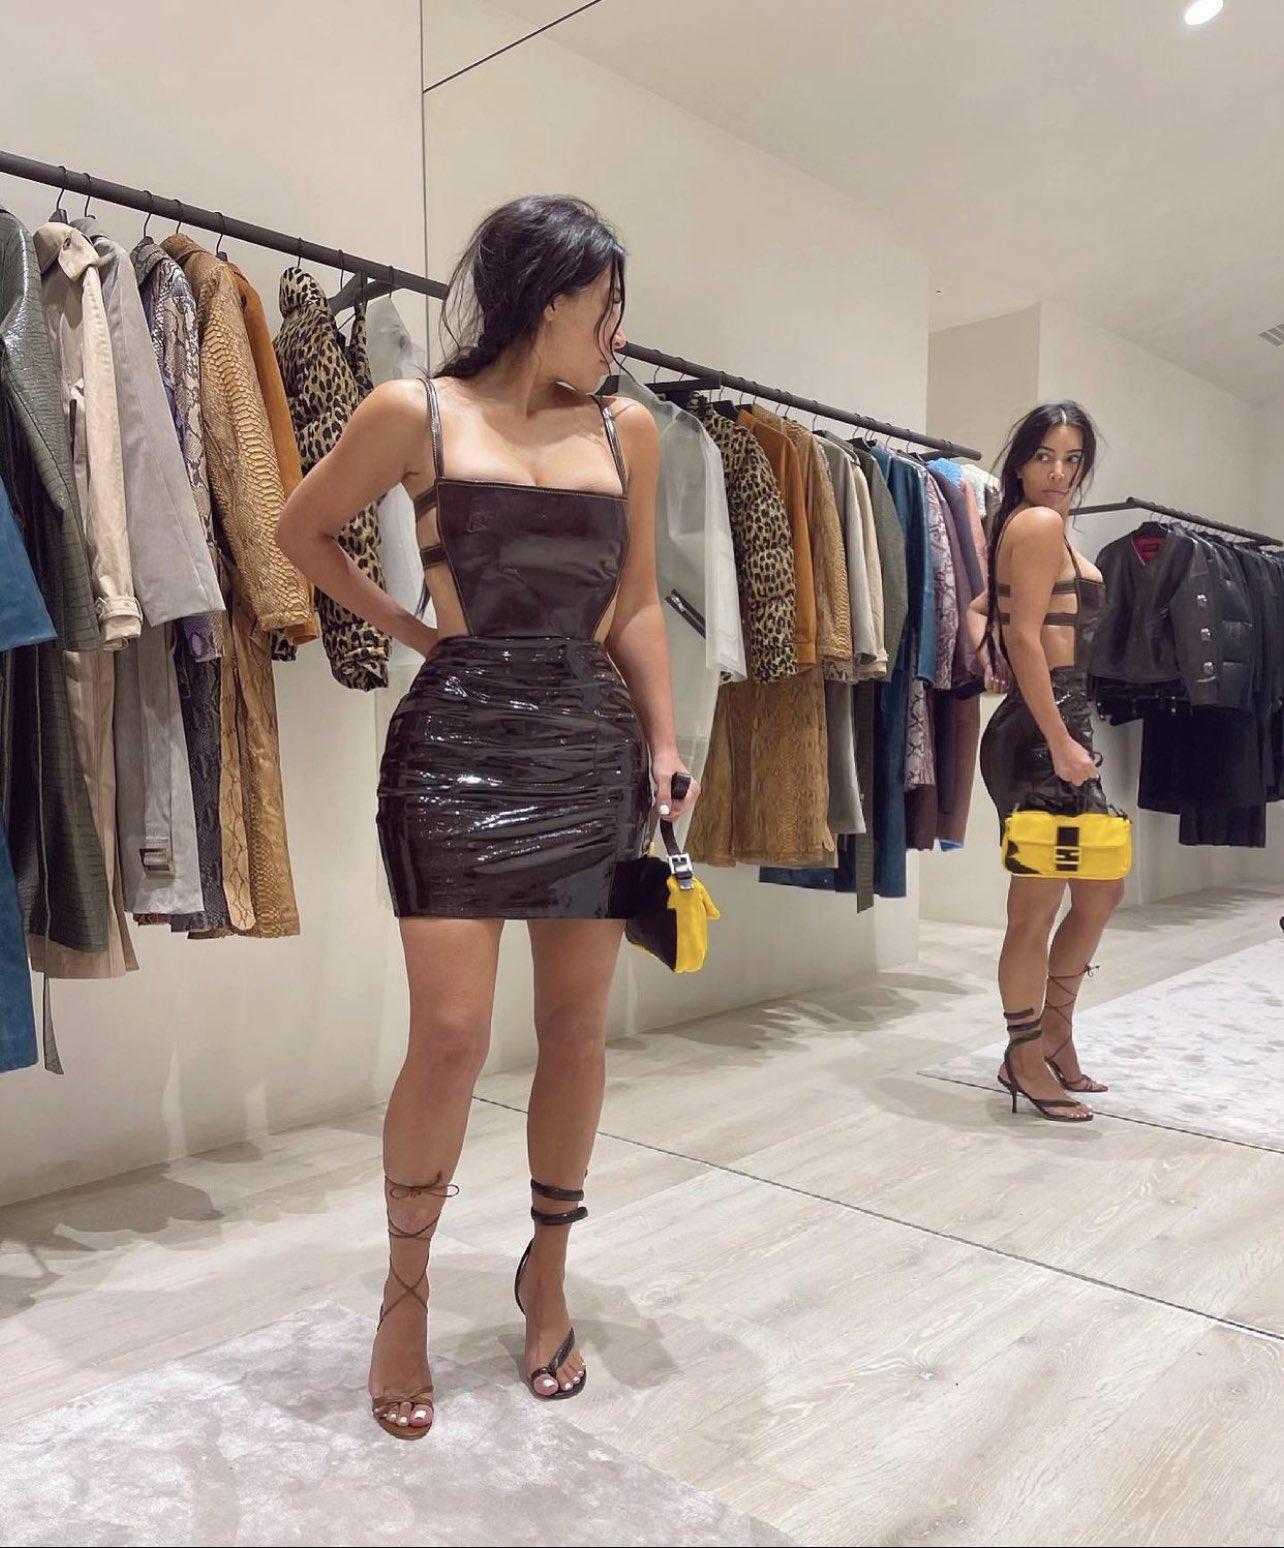 kim-kardashian-west-wore-mowalola-bodysuit-instagram-may-18-2021